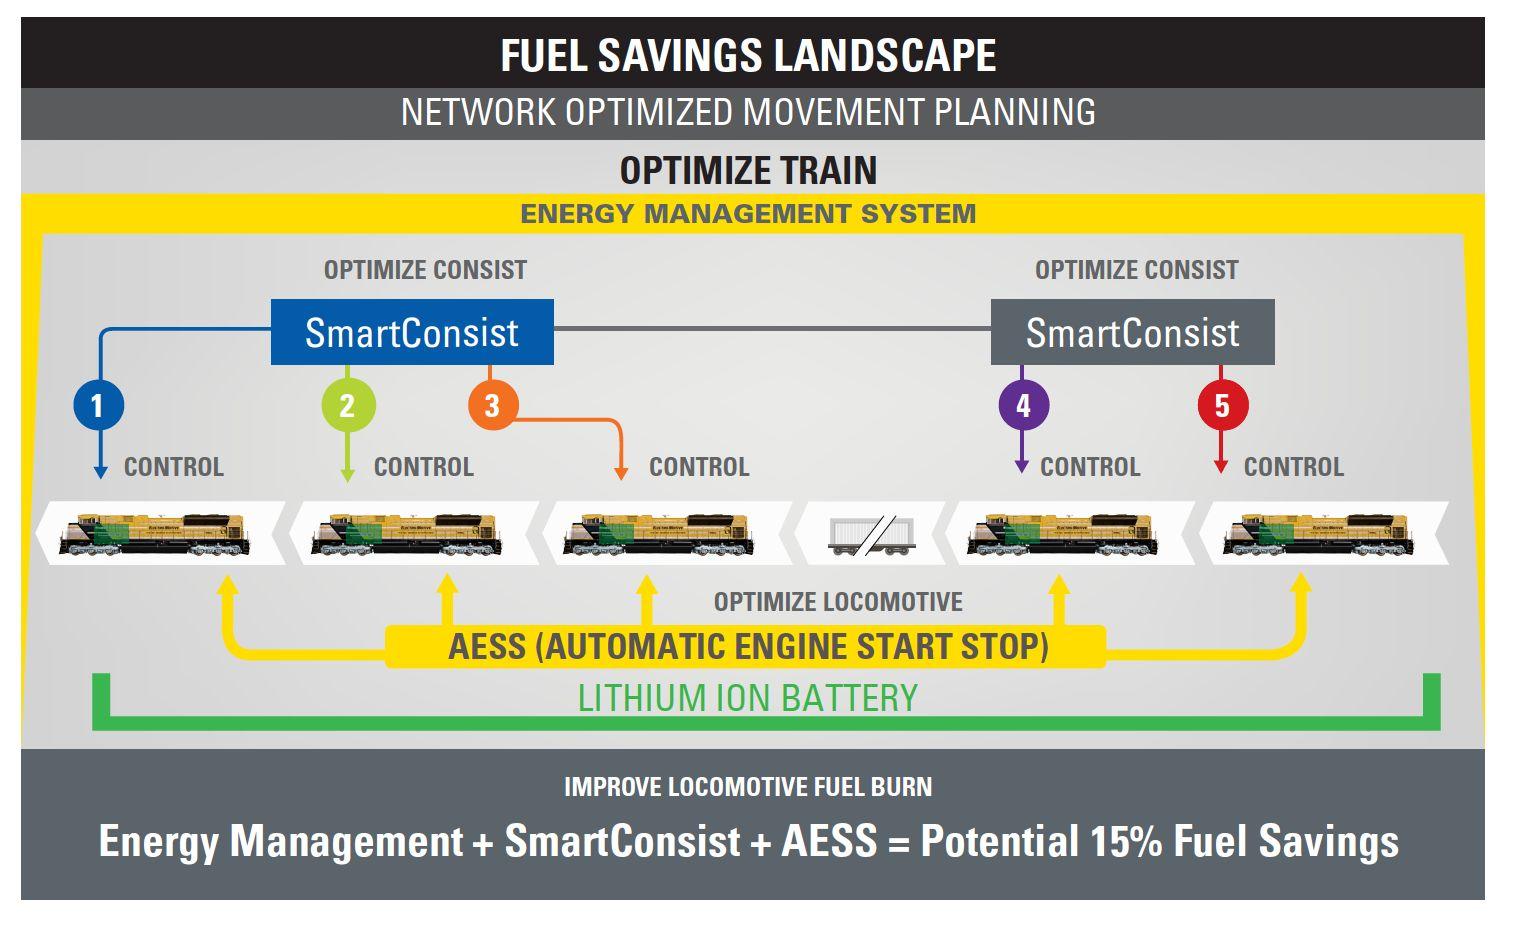 Energy Management, Fuel Savings Landscape